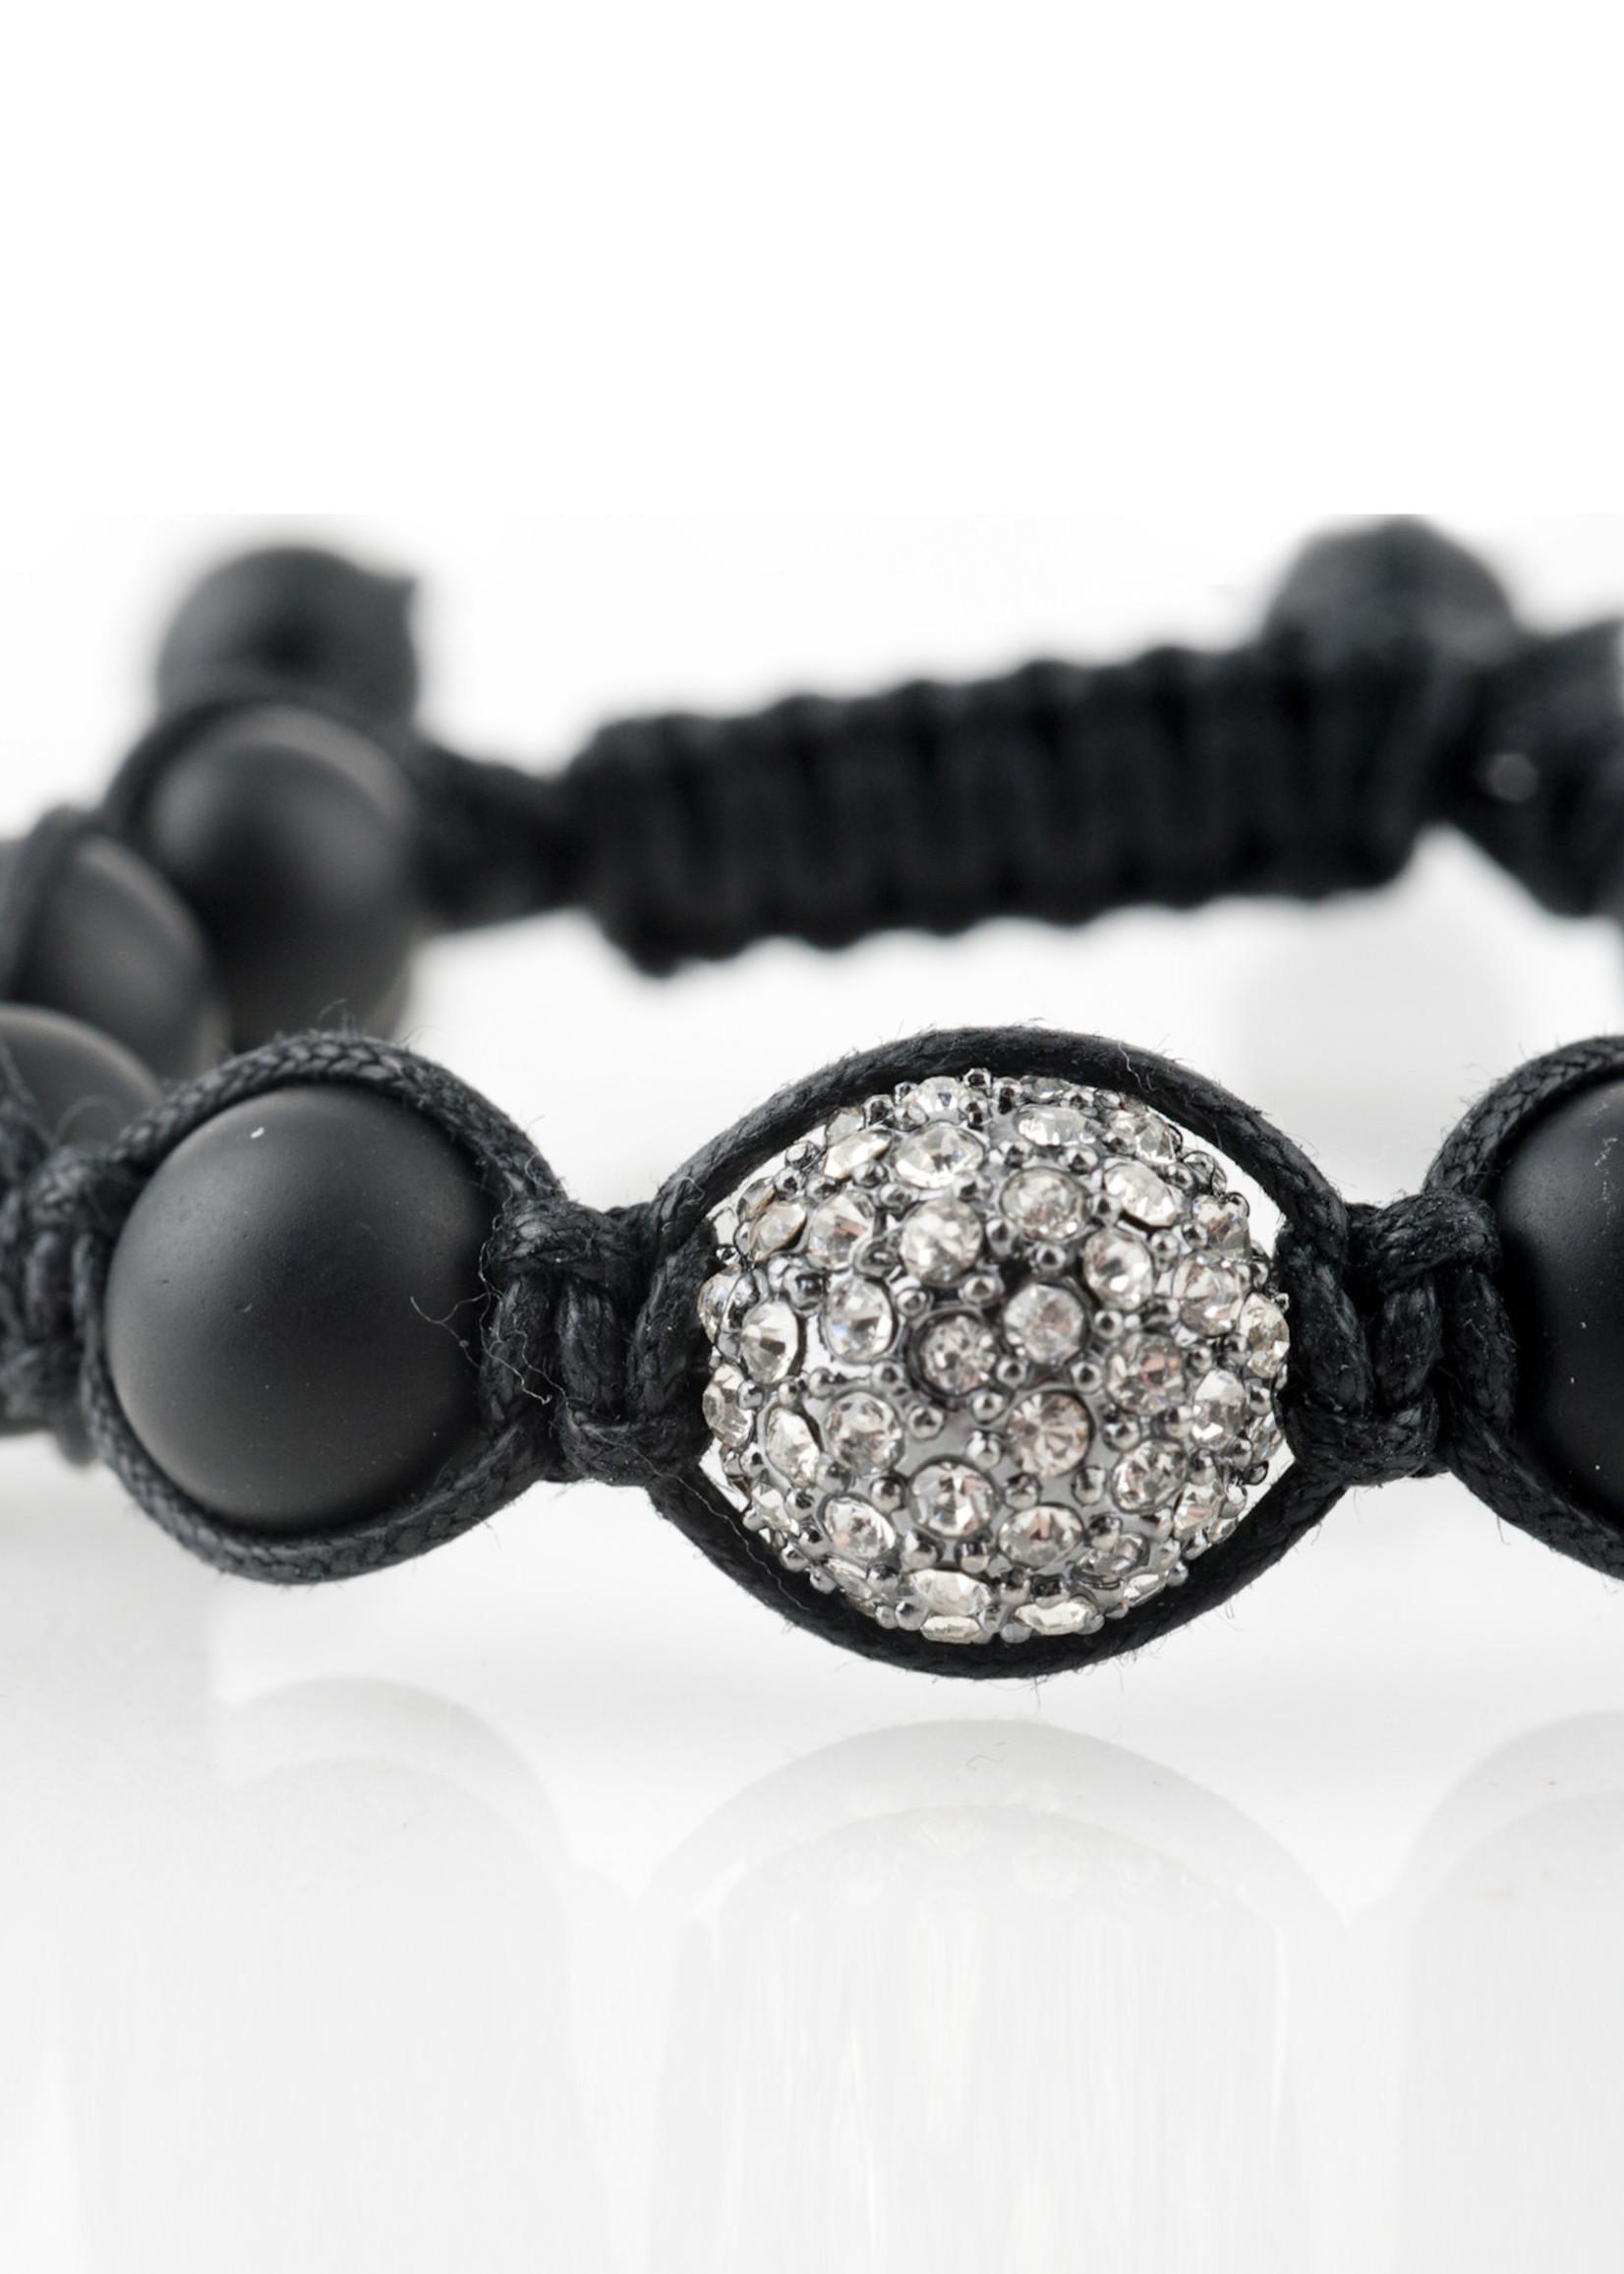 Mina Danielle Macramé Black Onyx with Gunmetal Macramé Crystal Sphere